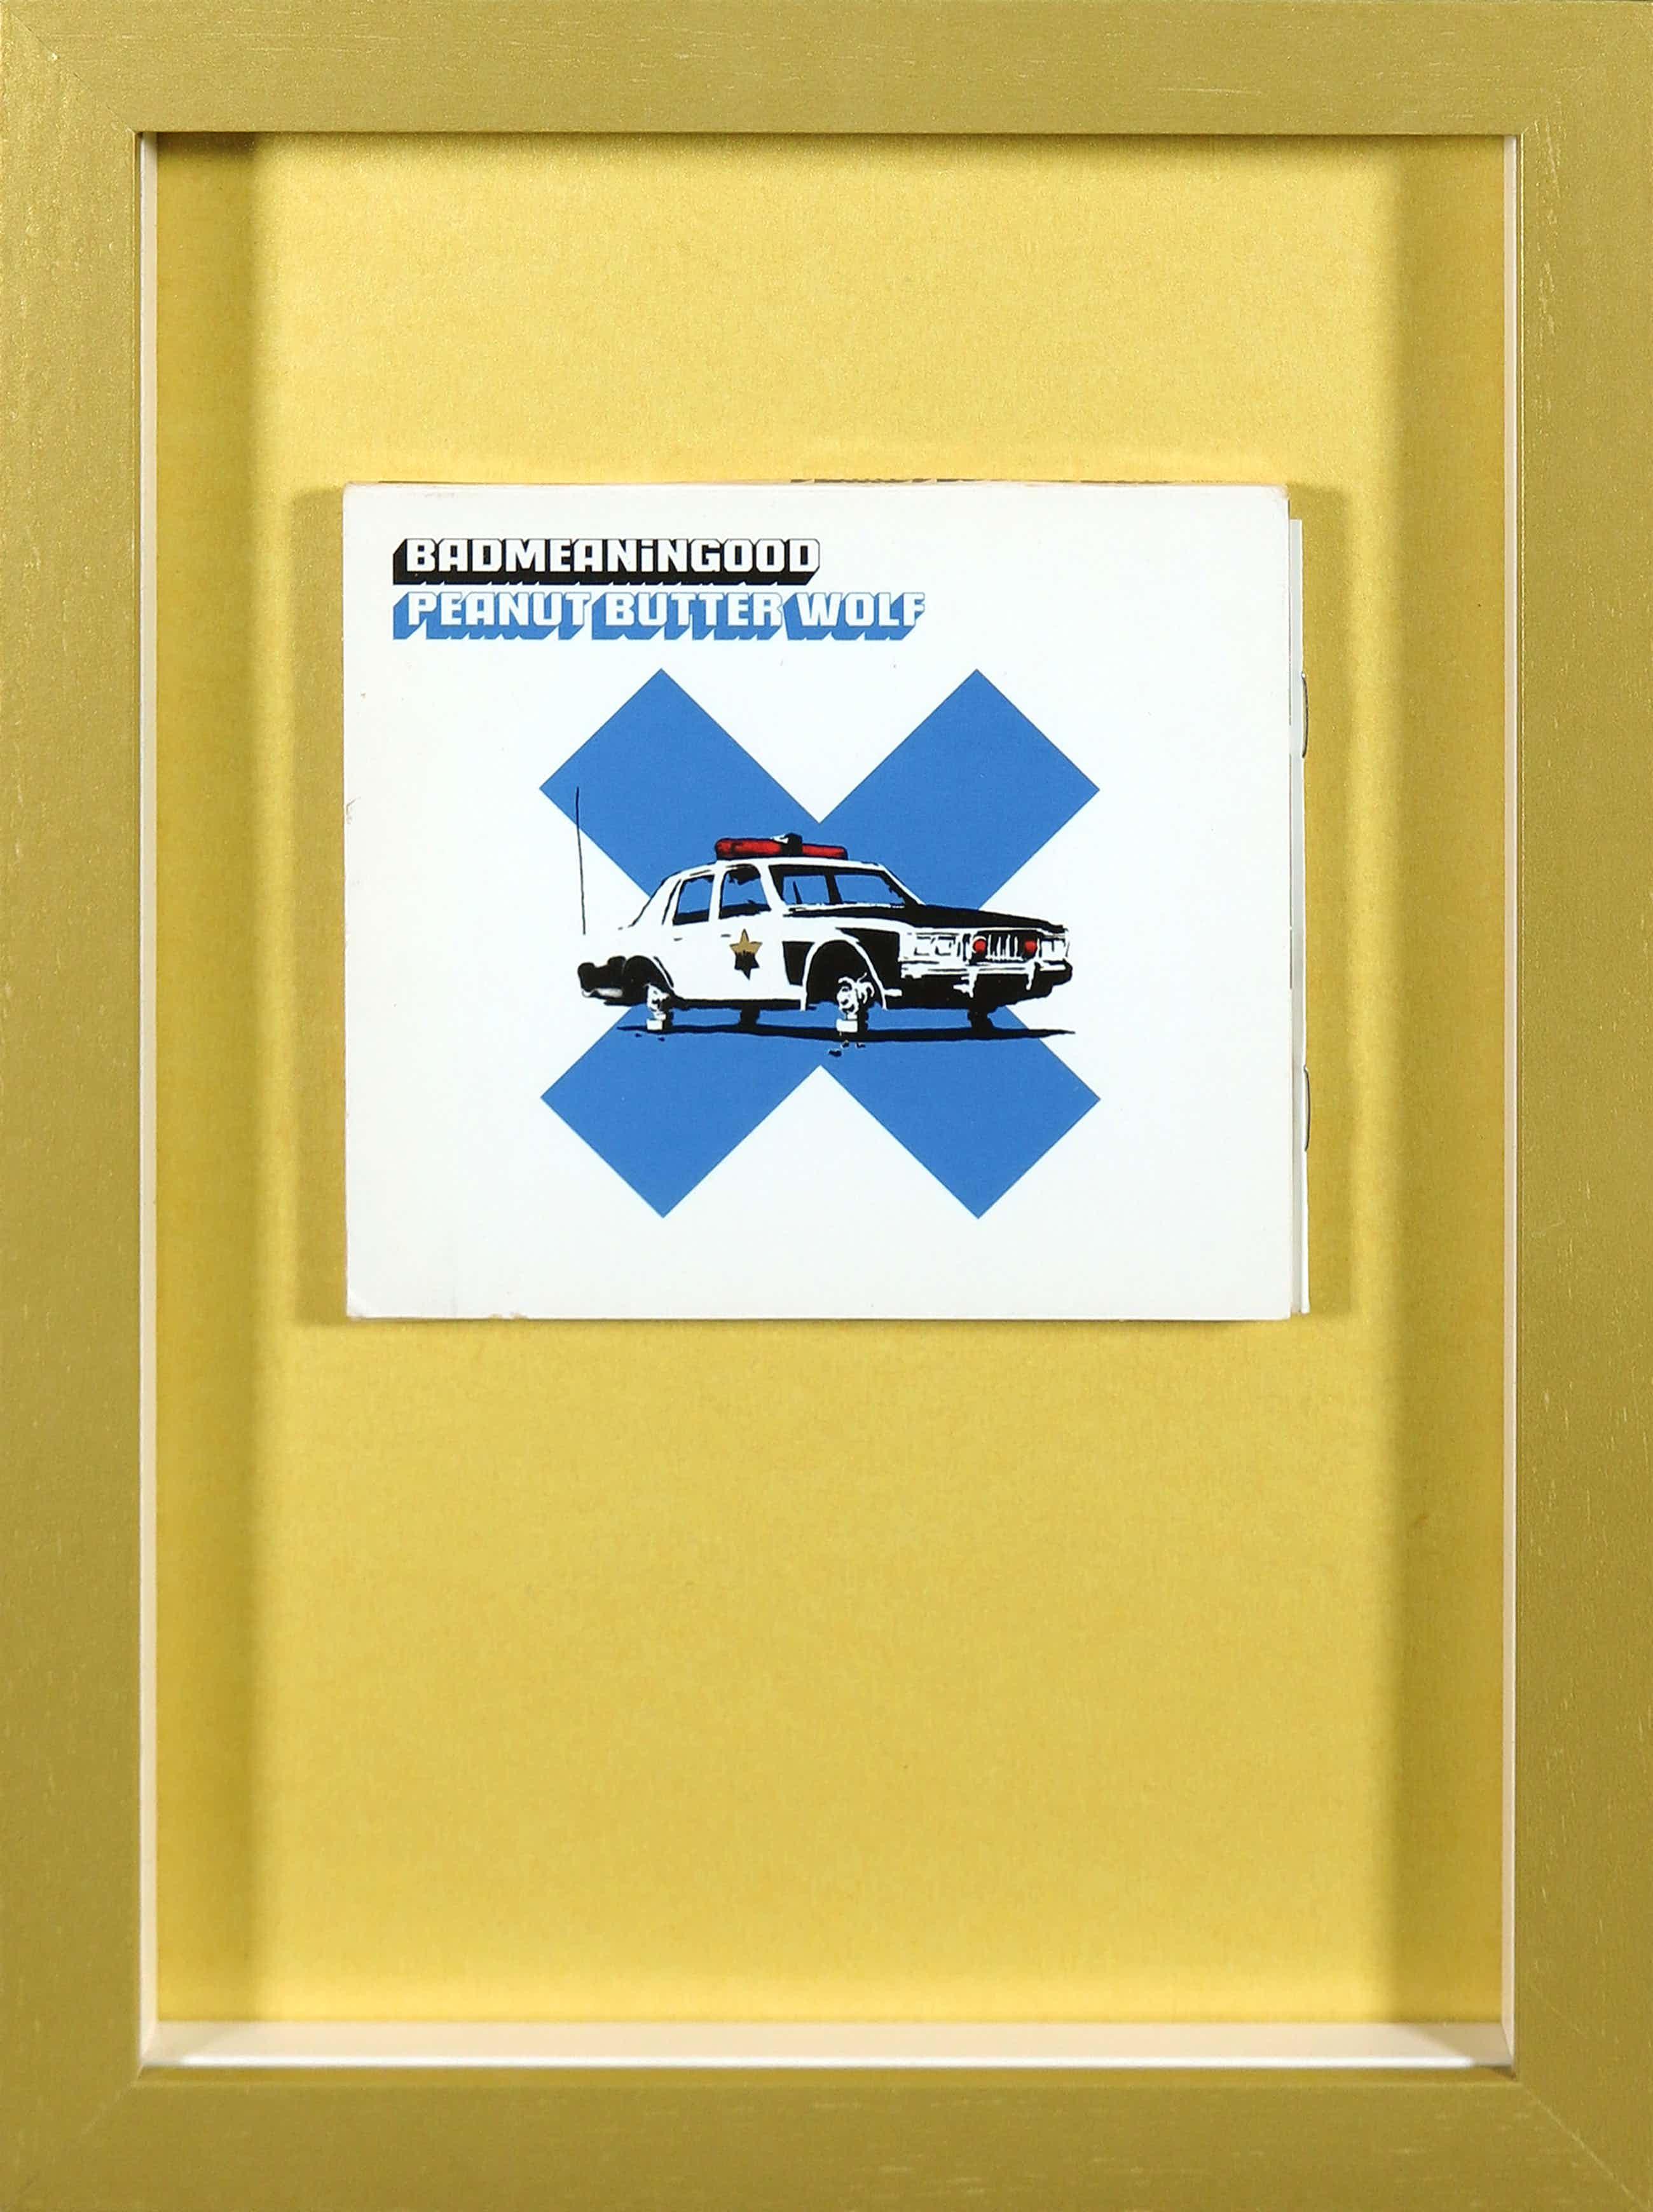 Banksy - Badmeaninggood vol. 3 door Peanut Butter Wolf (CD) kopen? Bied vanaf 72!